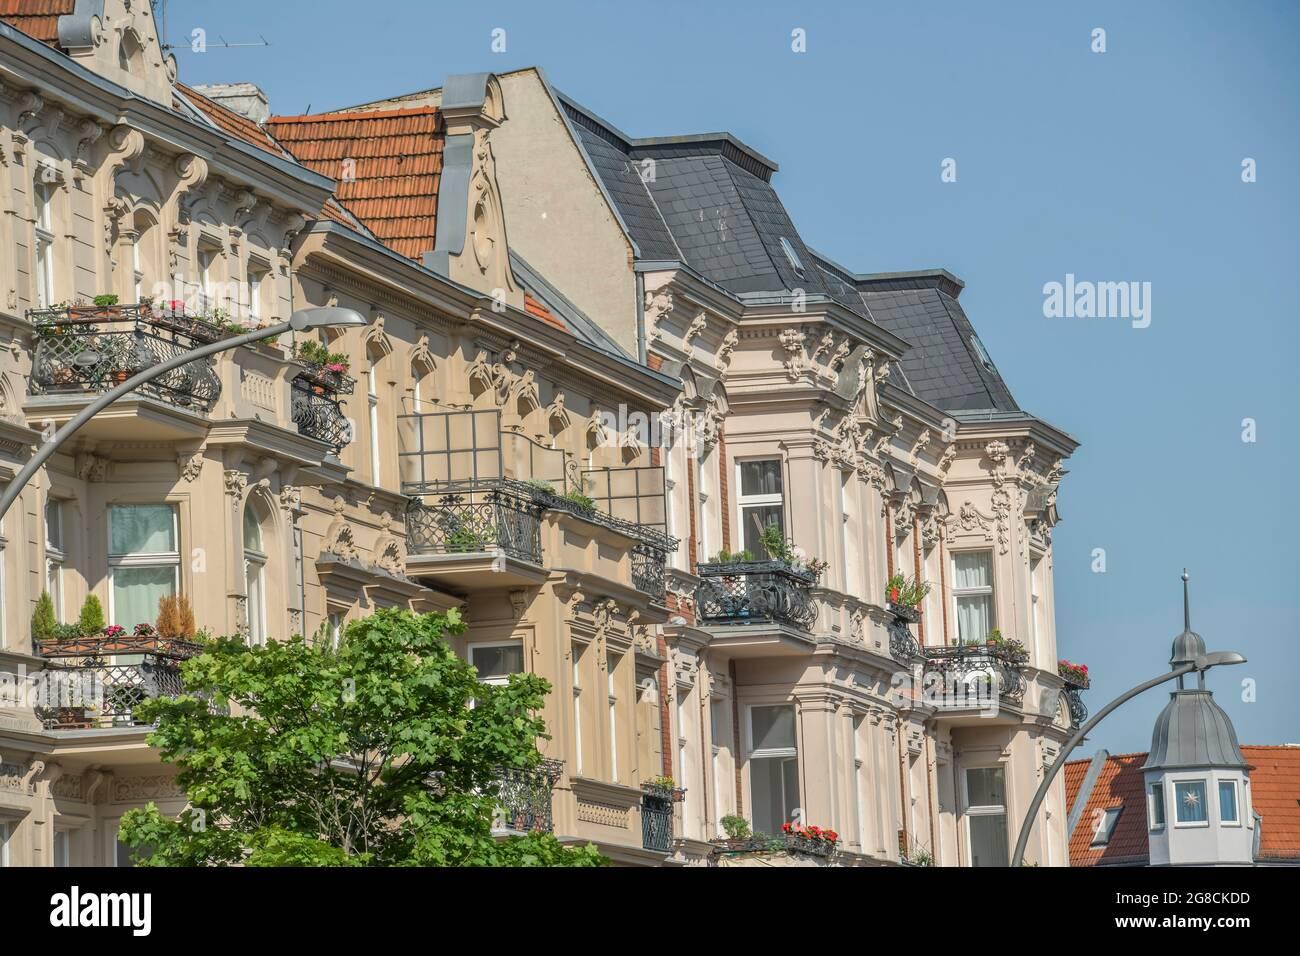 Schmiljanstrasse, Altbau, Friedenau, Berlin, Deutschland Banque D'Images